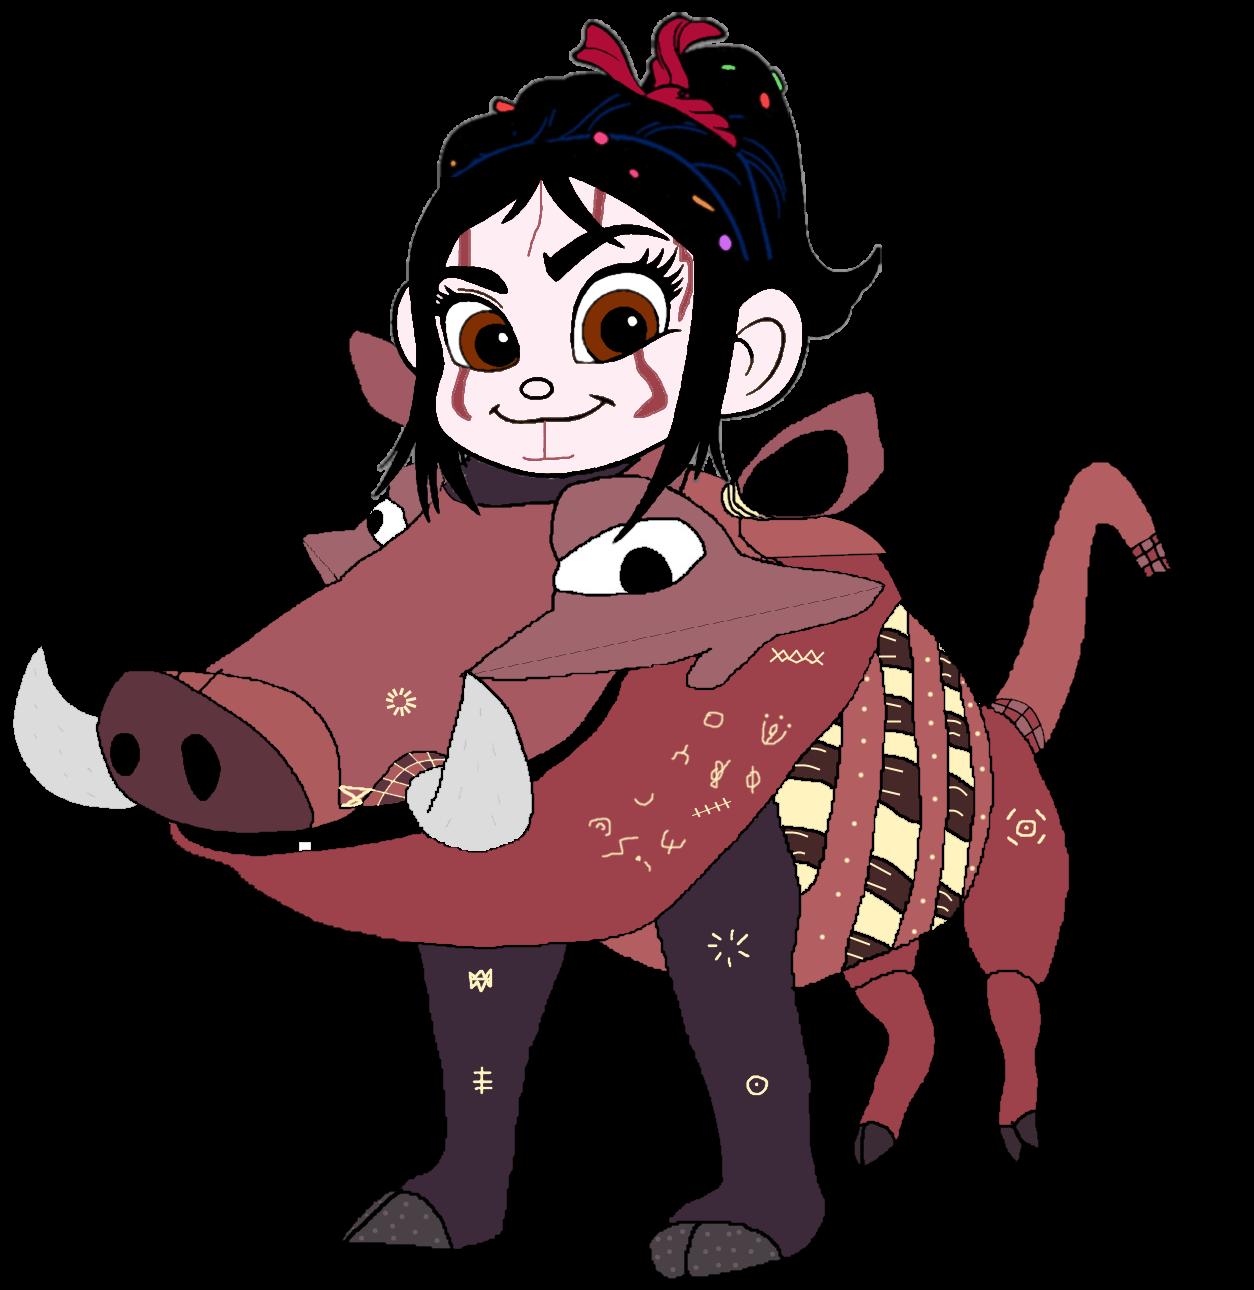 Vanellope dressed as Pumbaa (Recreated)